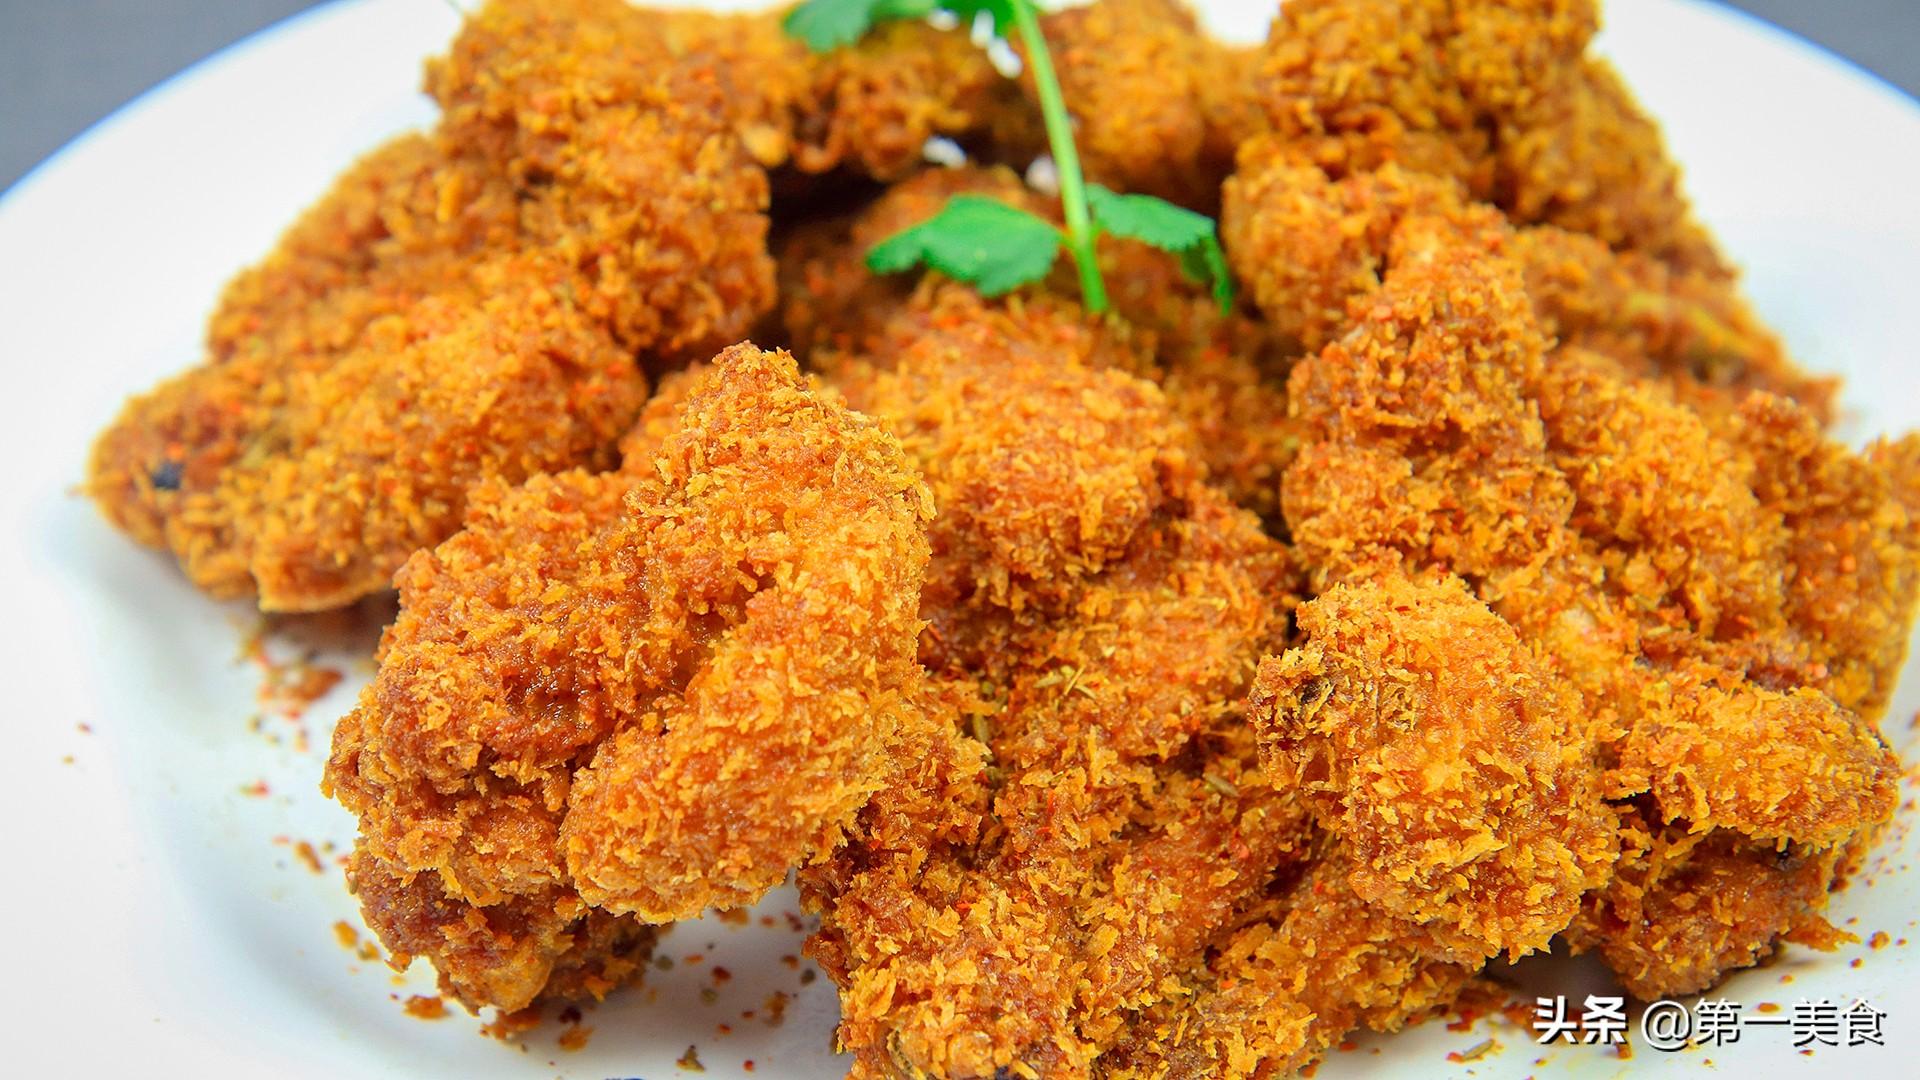 香酥鸡翅根怎么做外酥里嫩  原来秘诀在于腌